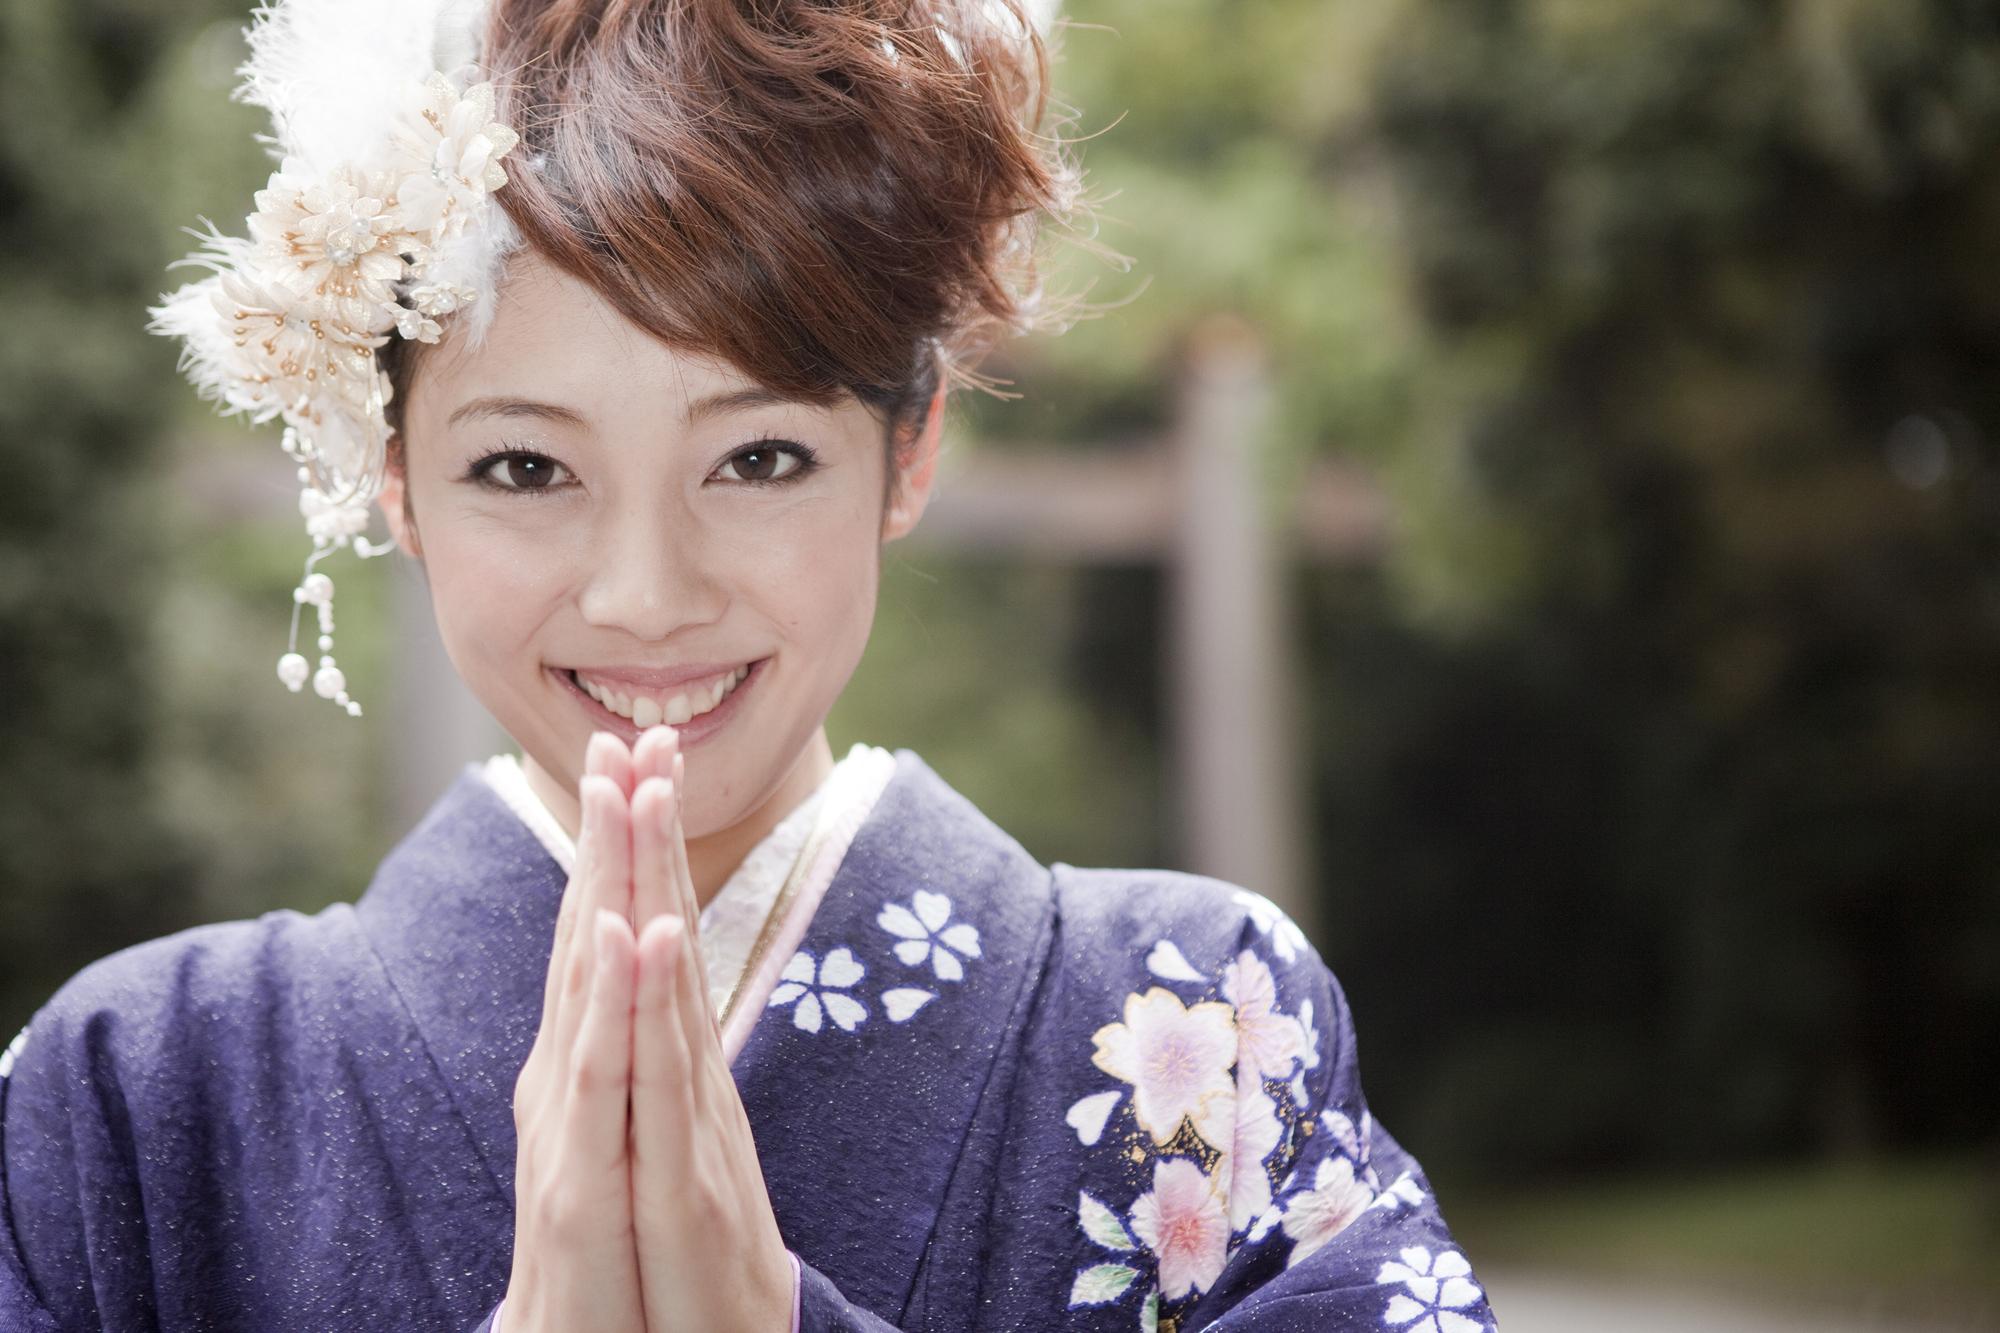 恋愛運アップ!恋愛運にご利益がある神社の参拝方法とは!?